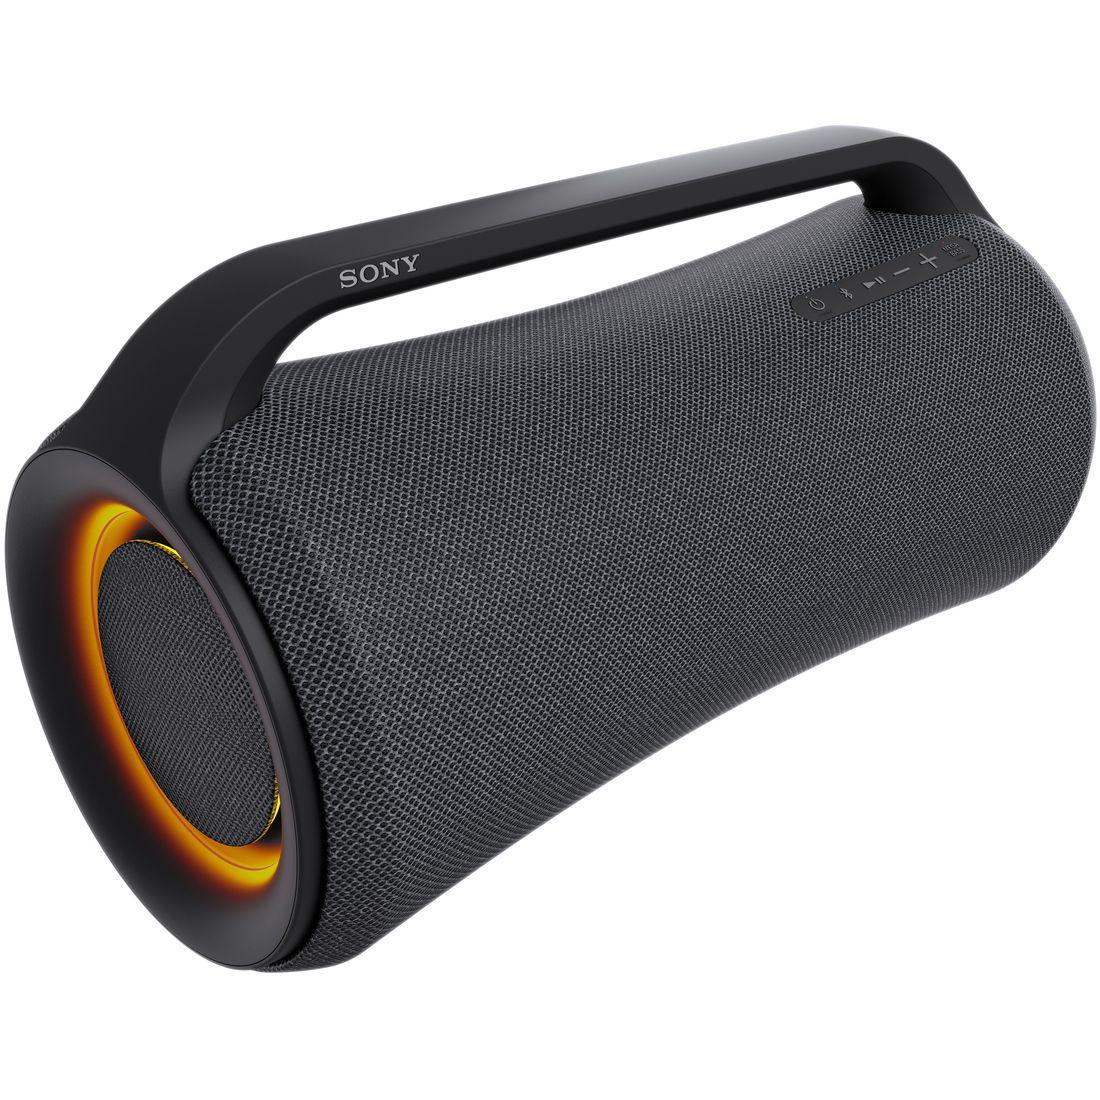 おうちで聴く音楽をもっとパワフルに 日本最大級の品揃え SONY SRS-XG500 BC ブラック ワイヤレス スピーカー ポータブル 新色 送料無料 防水 防塵 IP66 Bluetooth